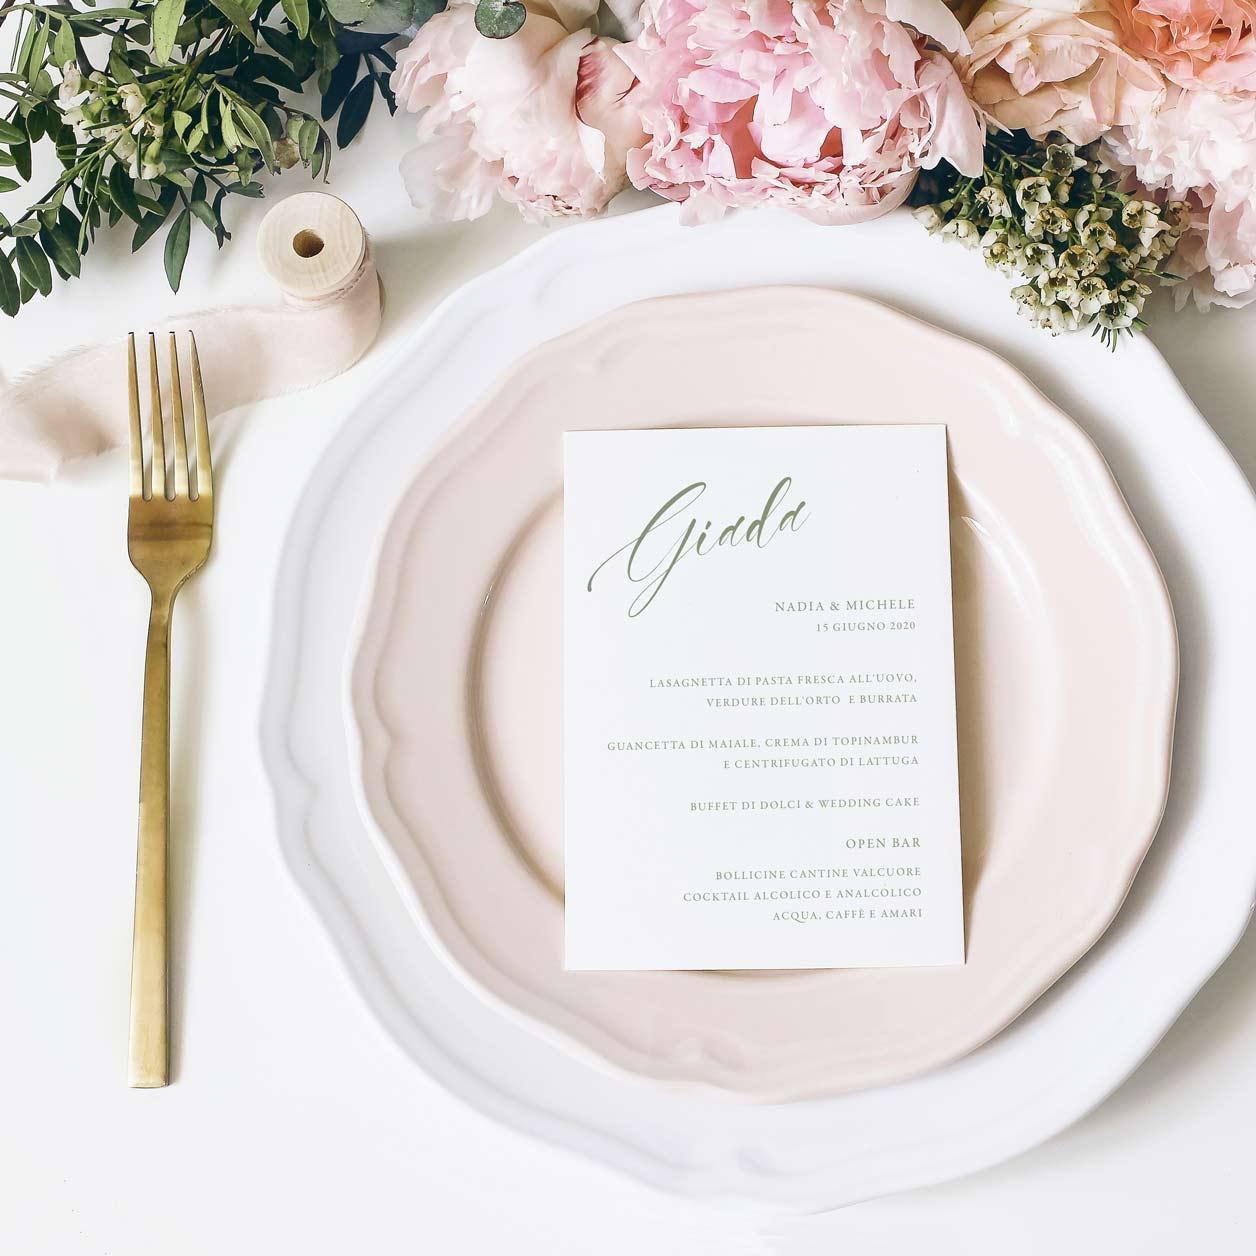 Menu-personalizzato-invitato-ospite-nome-rosa-azzurro-wedding-matrimonio-nozze-rose-oro